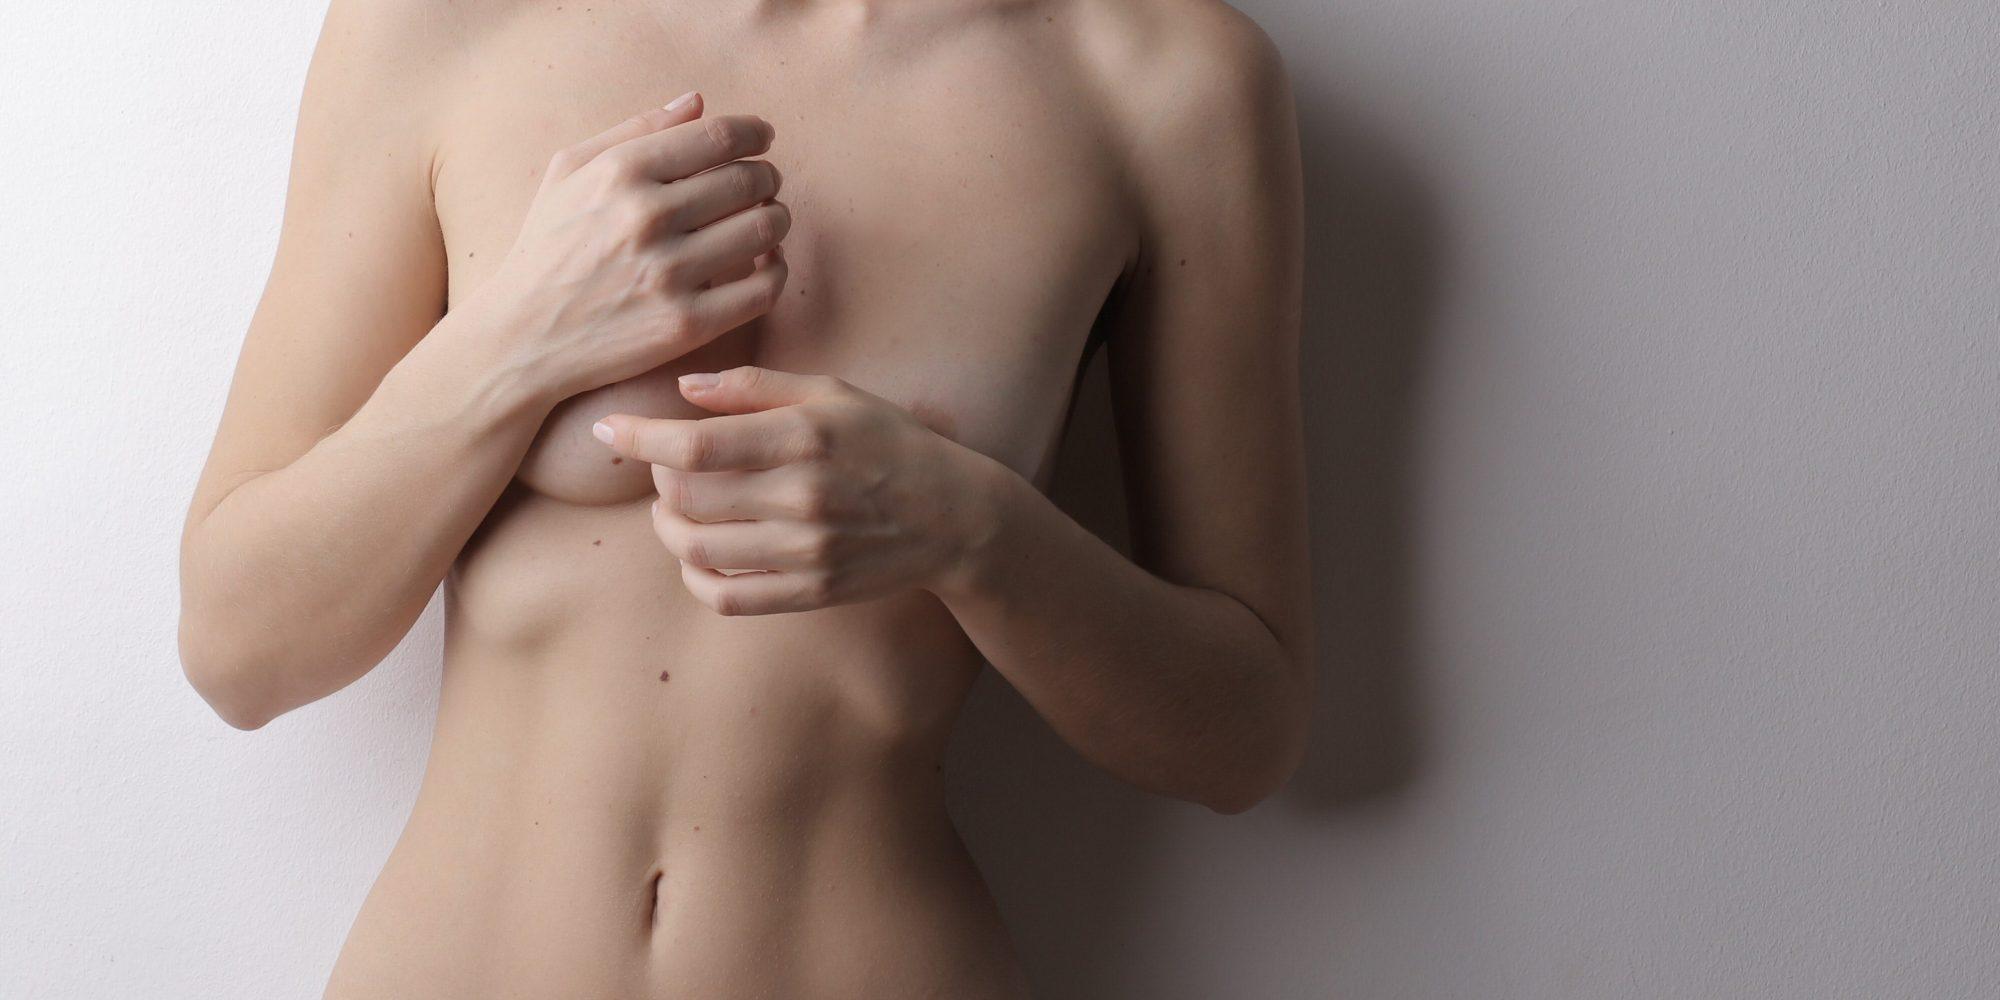 Μήνας πρόληψης και ενημέρωσης για τον καρκίνο του μαστού: Τα 5 βήματα μίας σωστής αυτοεξέτασης O Οκτώβριος είναι ο μήνας ευαισθητοποίησης για τον καρκίνο του μαστού. Ένας από τους πιο συνηθισμένους καρκίνους στις γυναίκες, μπορεί να αντιμετωπιστεί επιτυχώς εάν εντοπιστεί σε πρώιμο στάδιο.